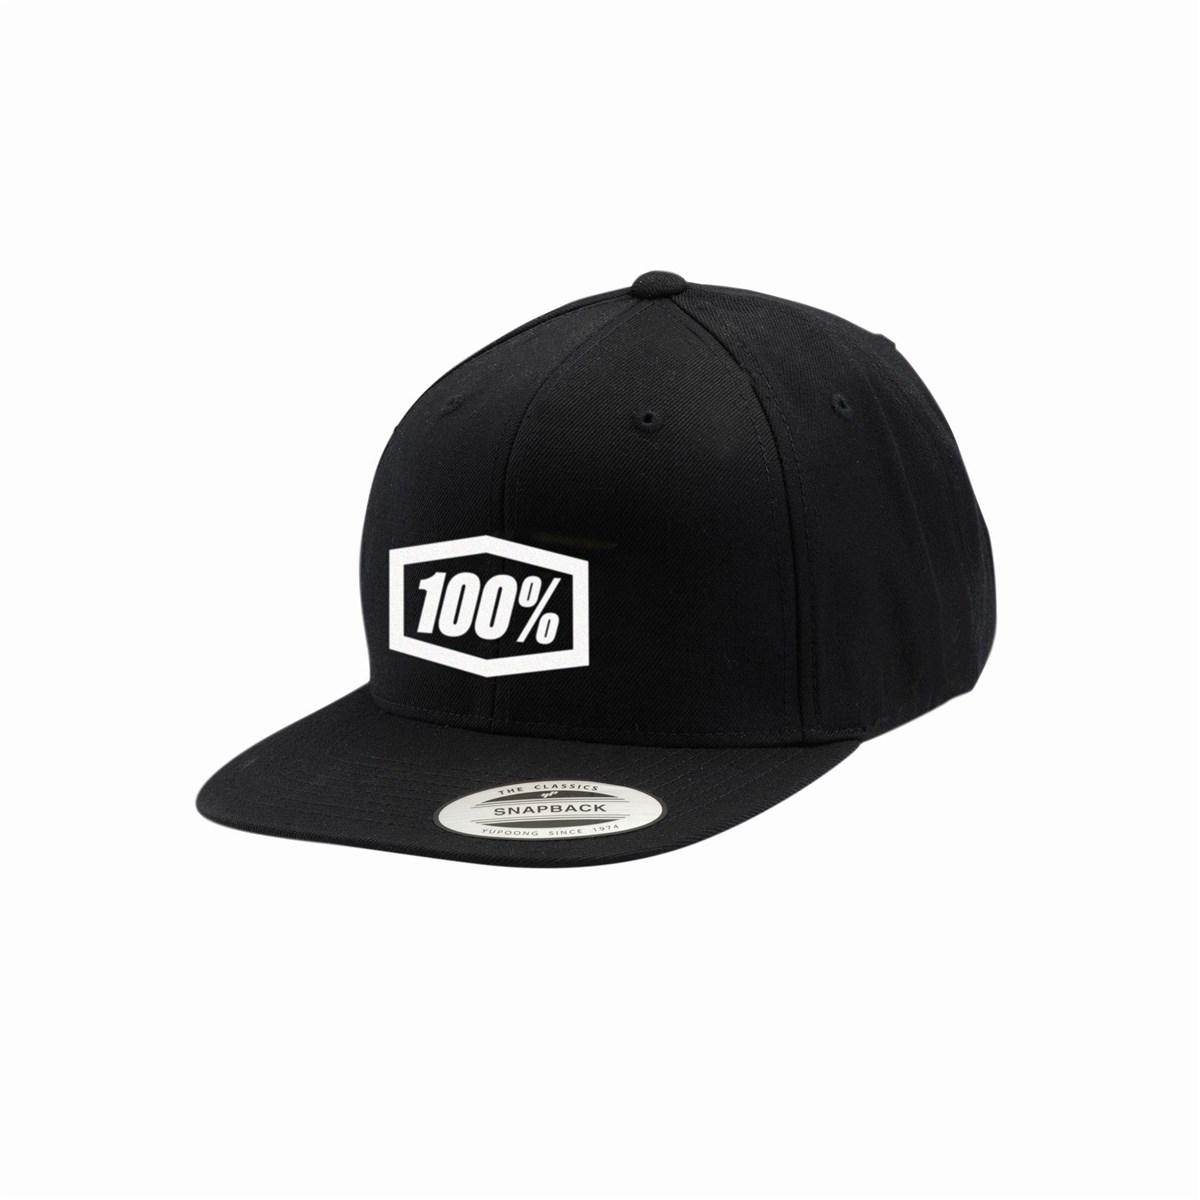 100% Classic Youth Snpback Hat | Headwear